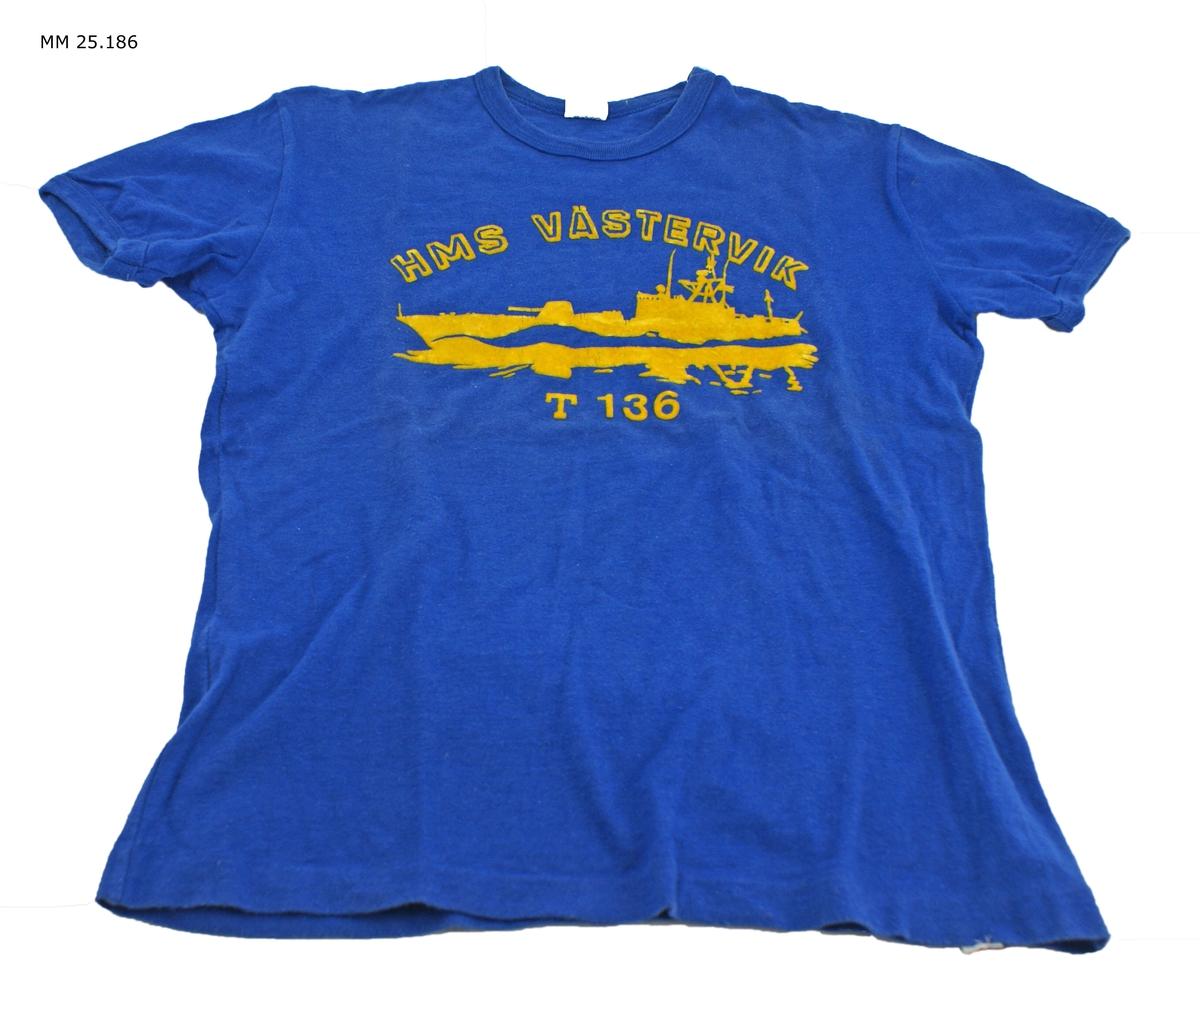 """Marinblå kortärmad t-shirt med gult tryck i plyschaktigt material. Text: """"HMS Västervik T 136"""" och en torpedbåt till sjöss."""